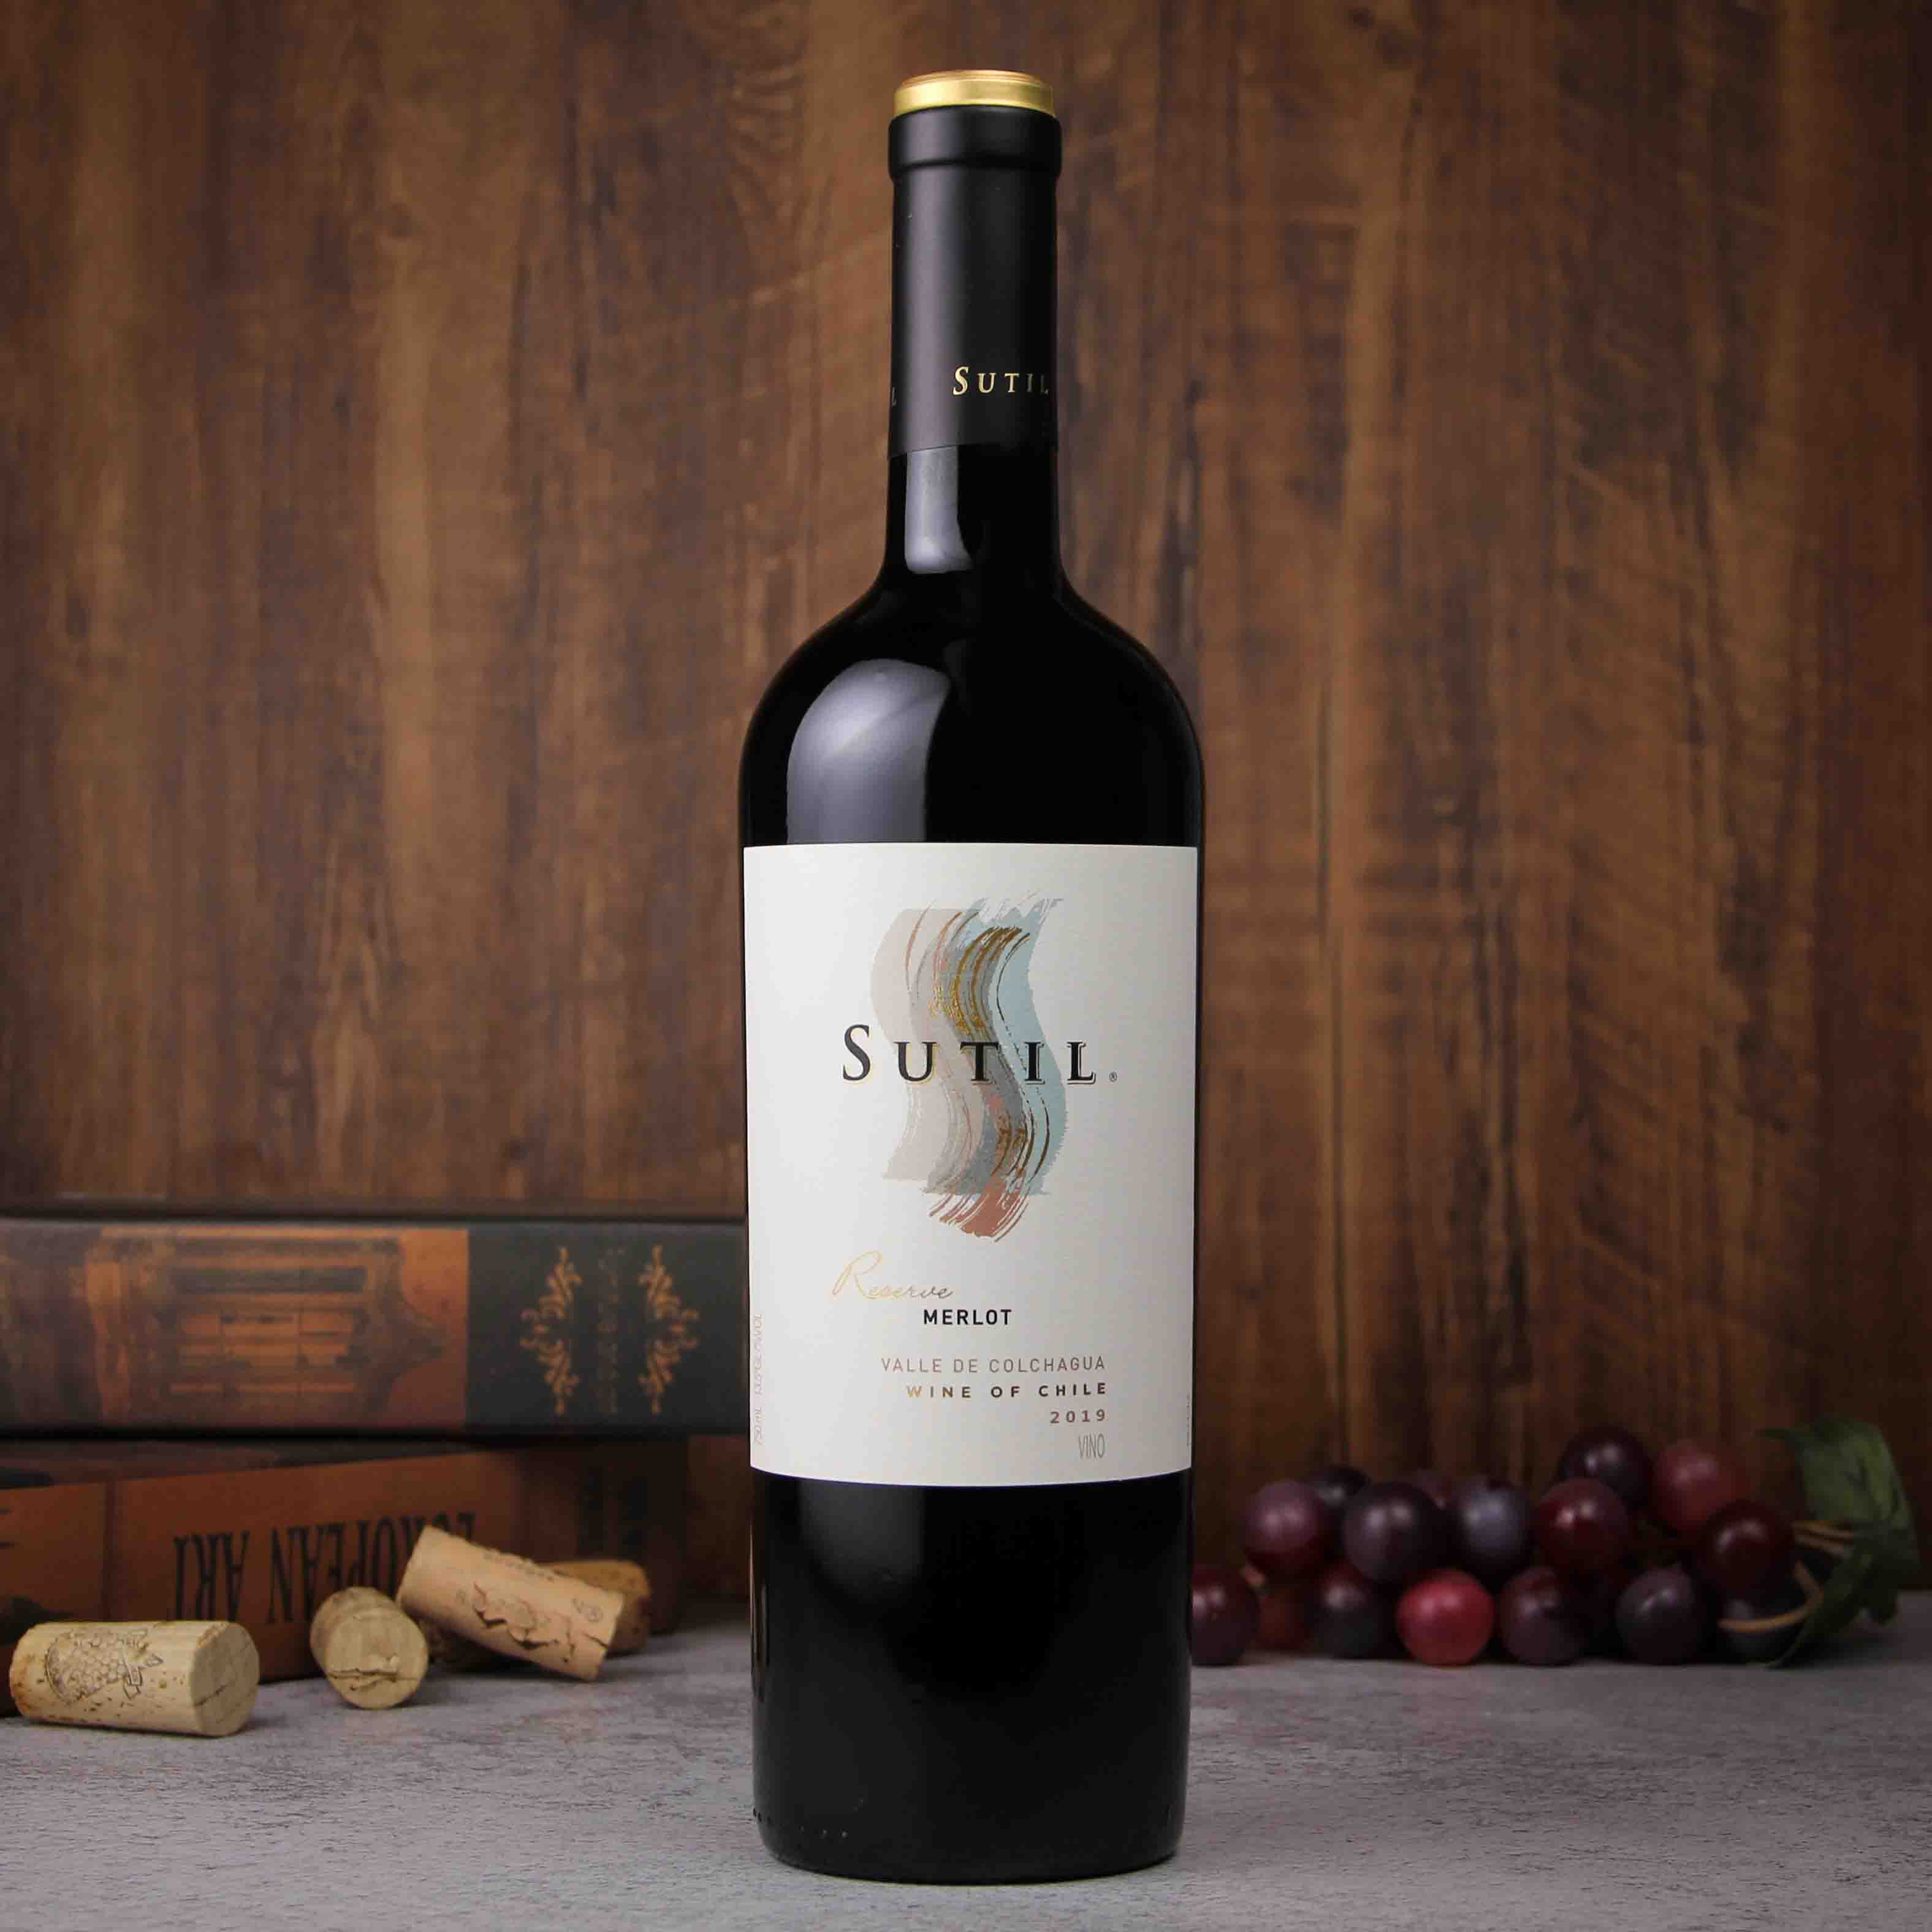 苏蒂尔珍藏梅洛干红葡萄酒